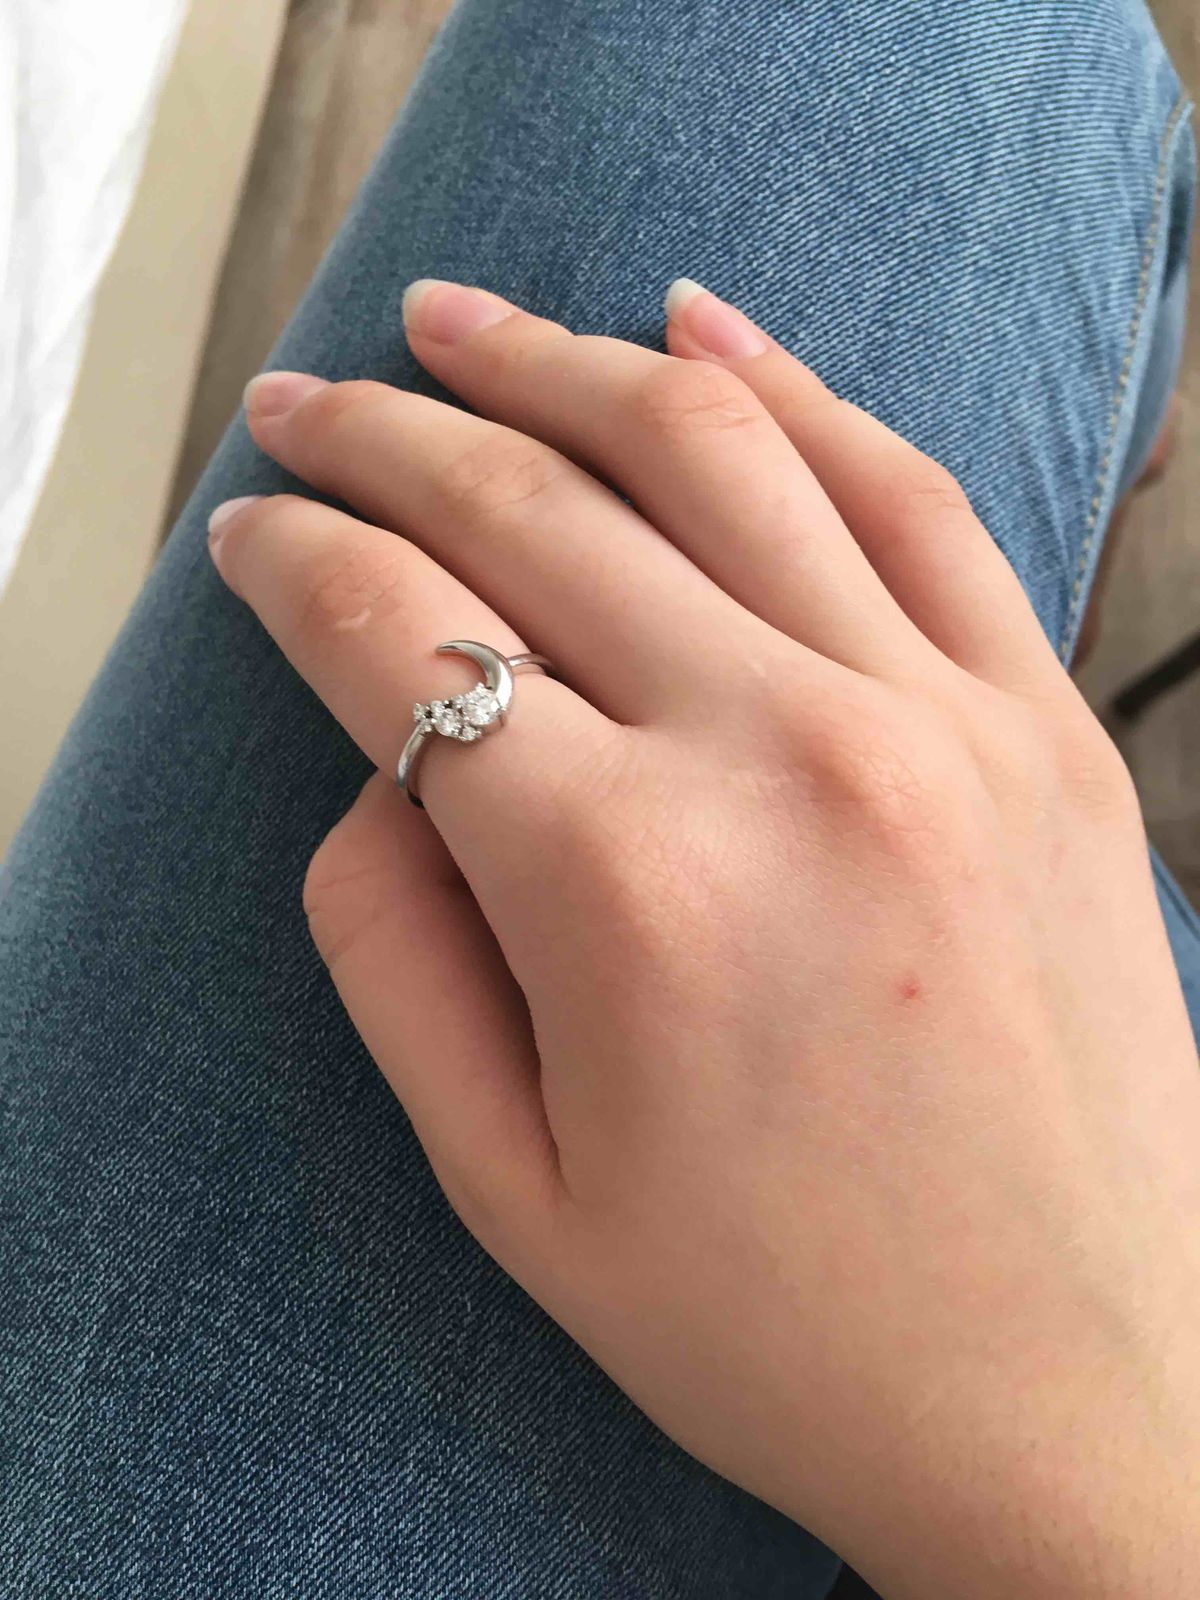 Очень красивое кольцо,хорошо сидит на пальце .